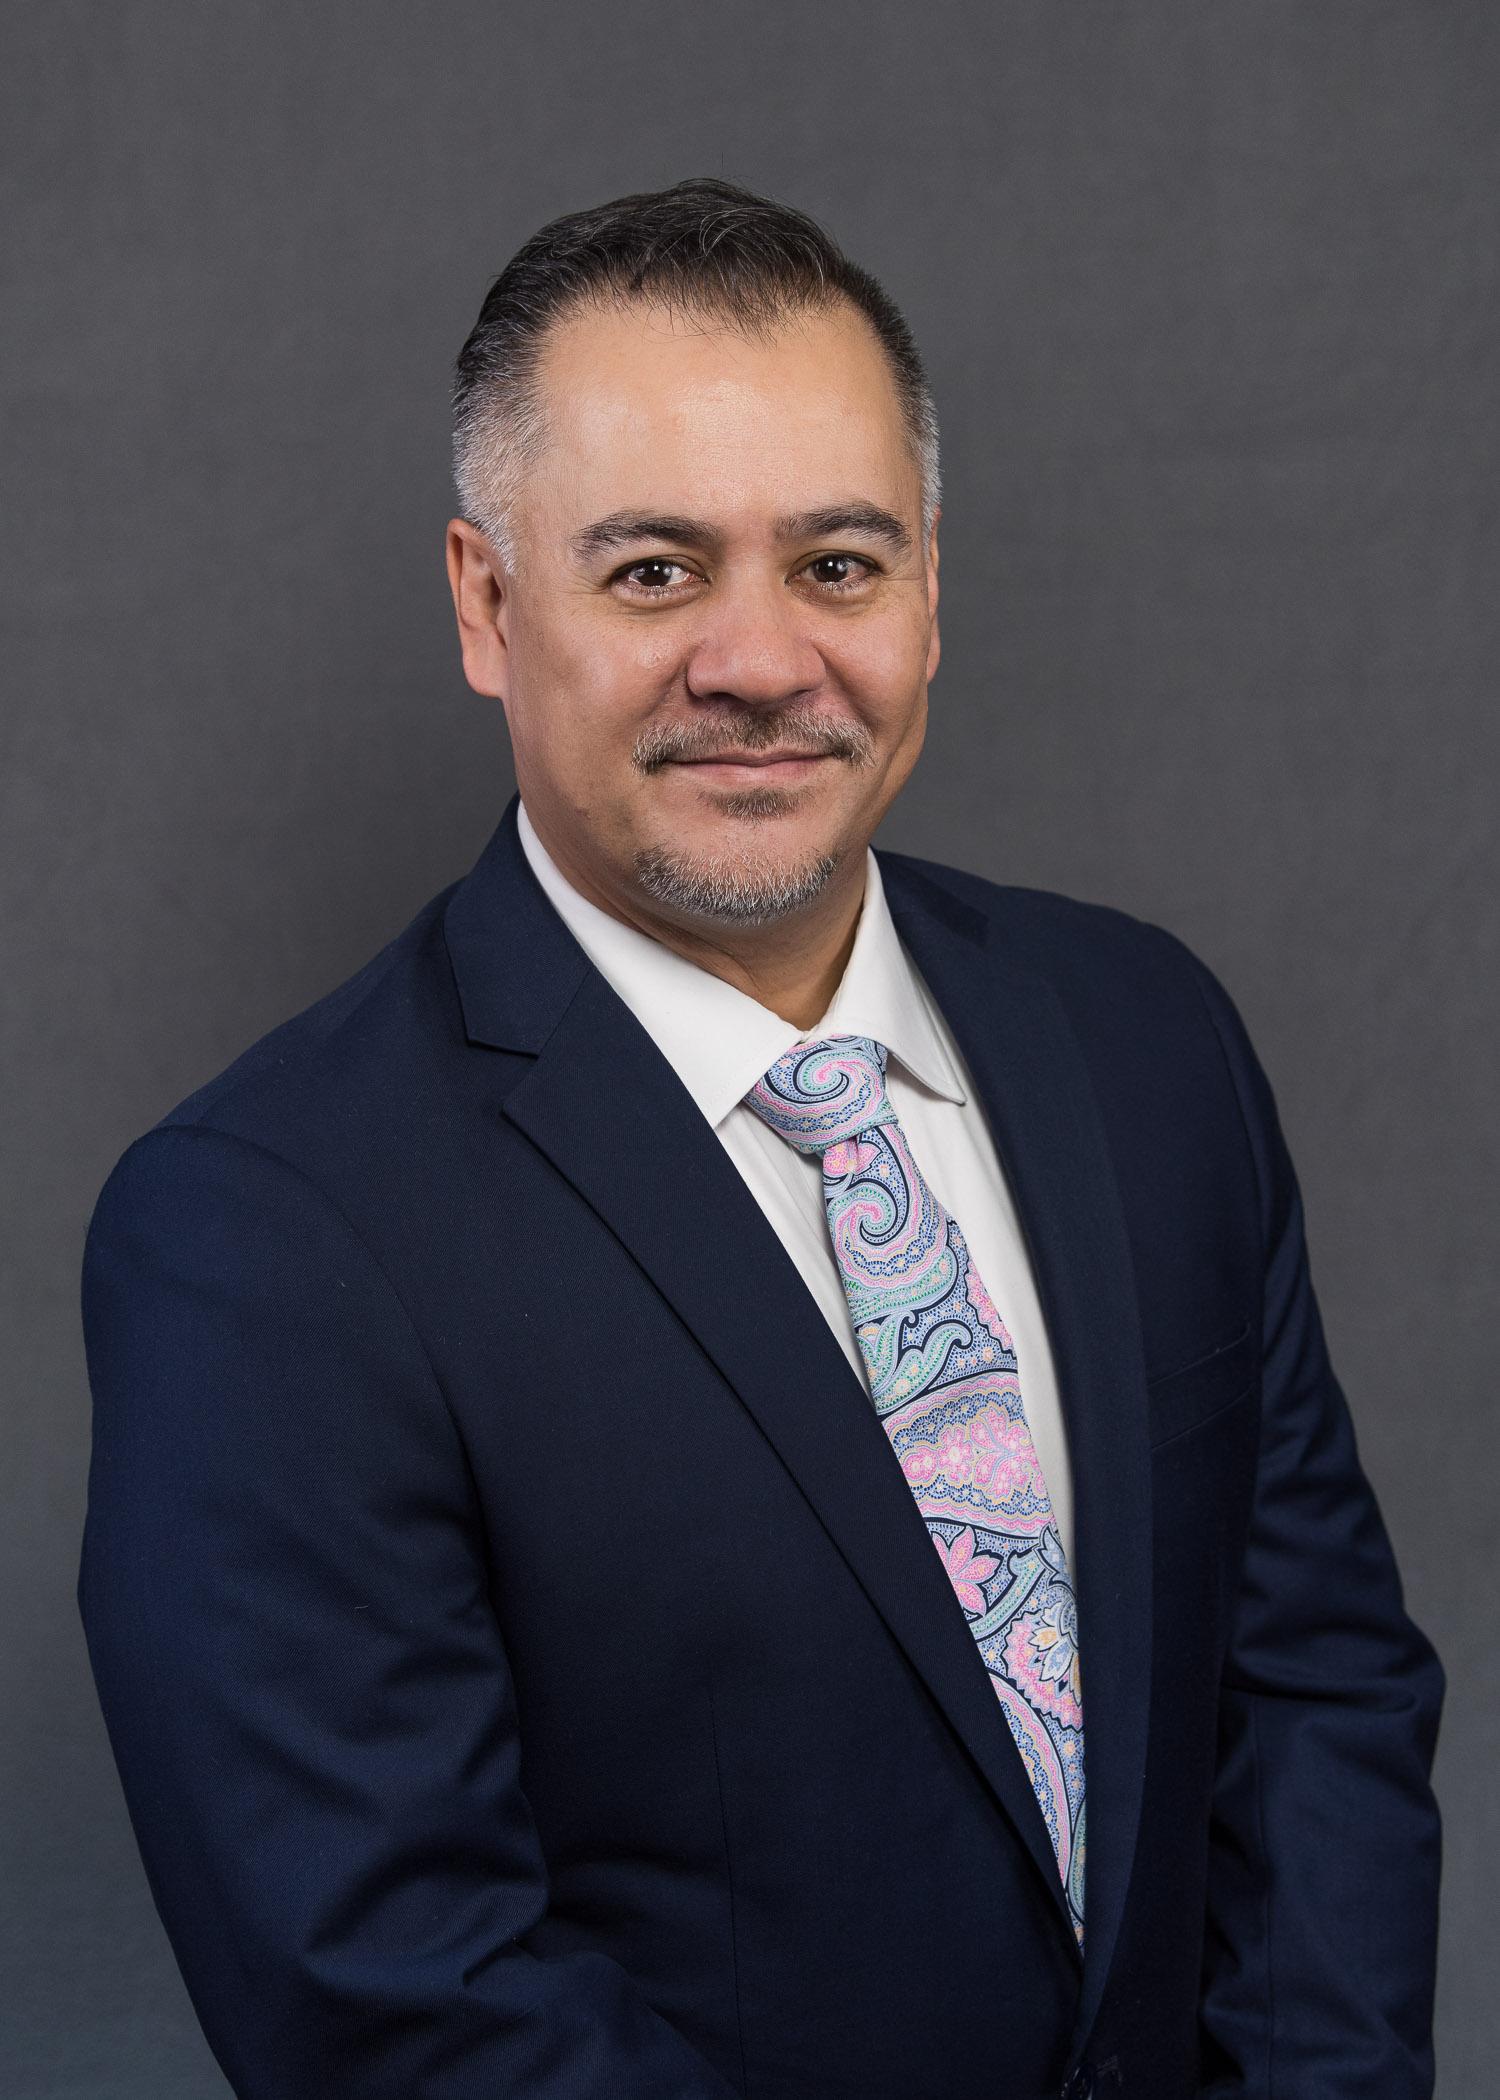 Dr. Ray Kadkhodaian